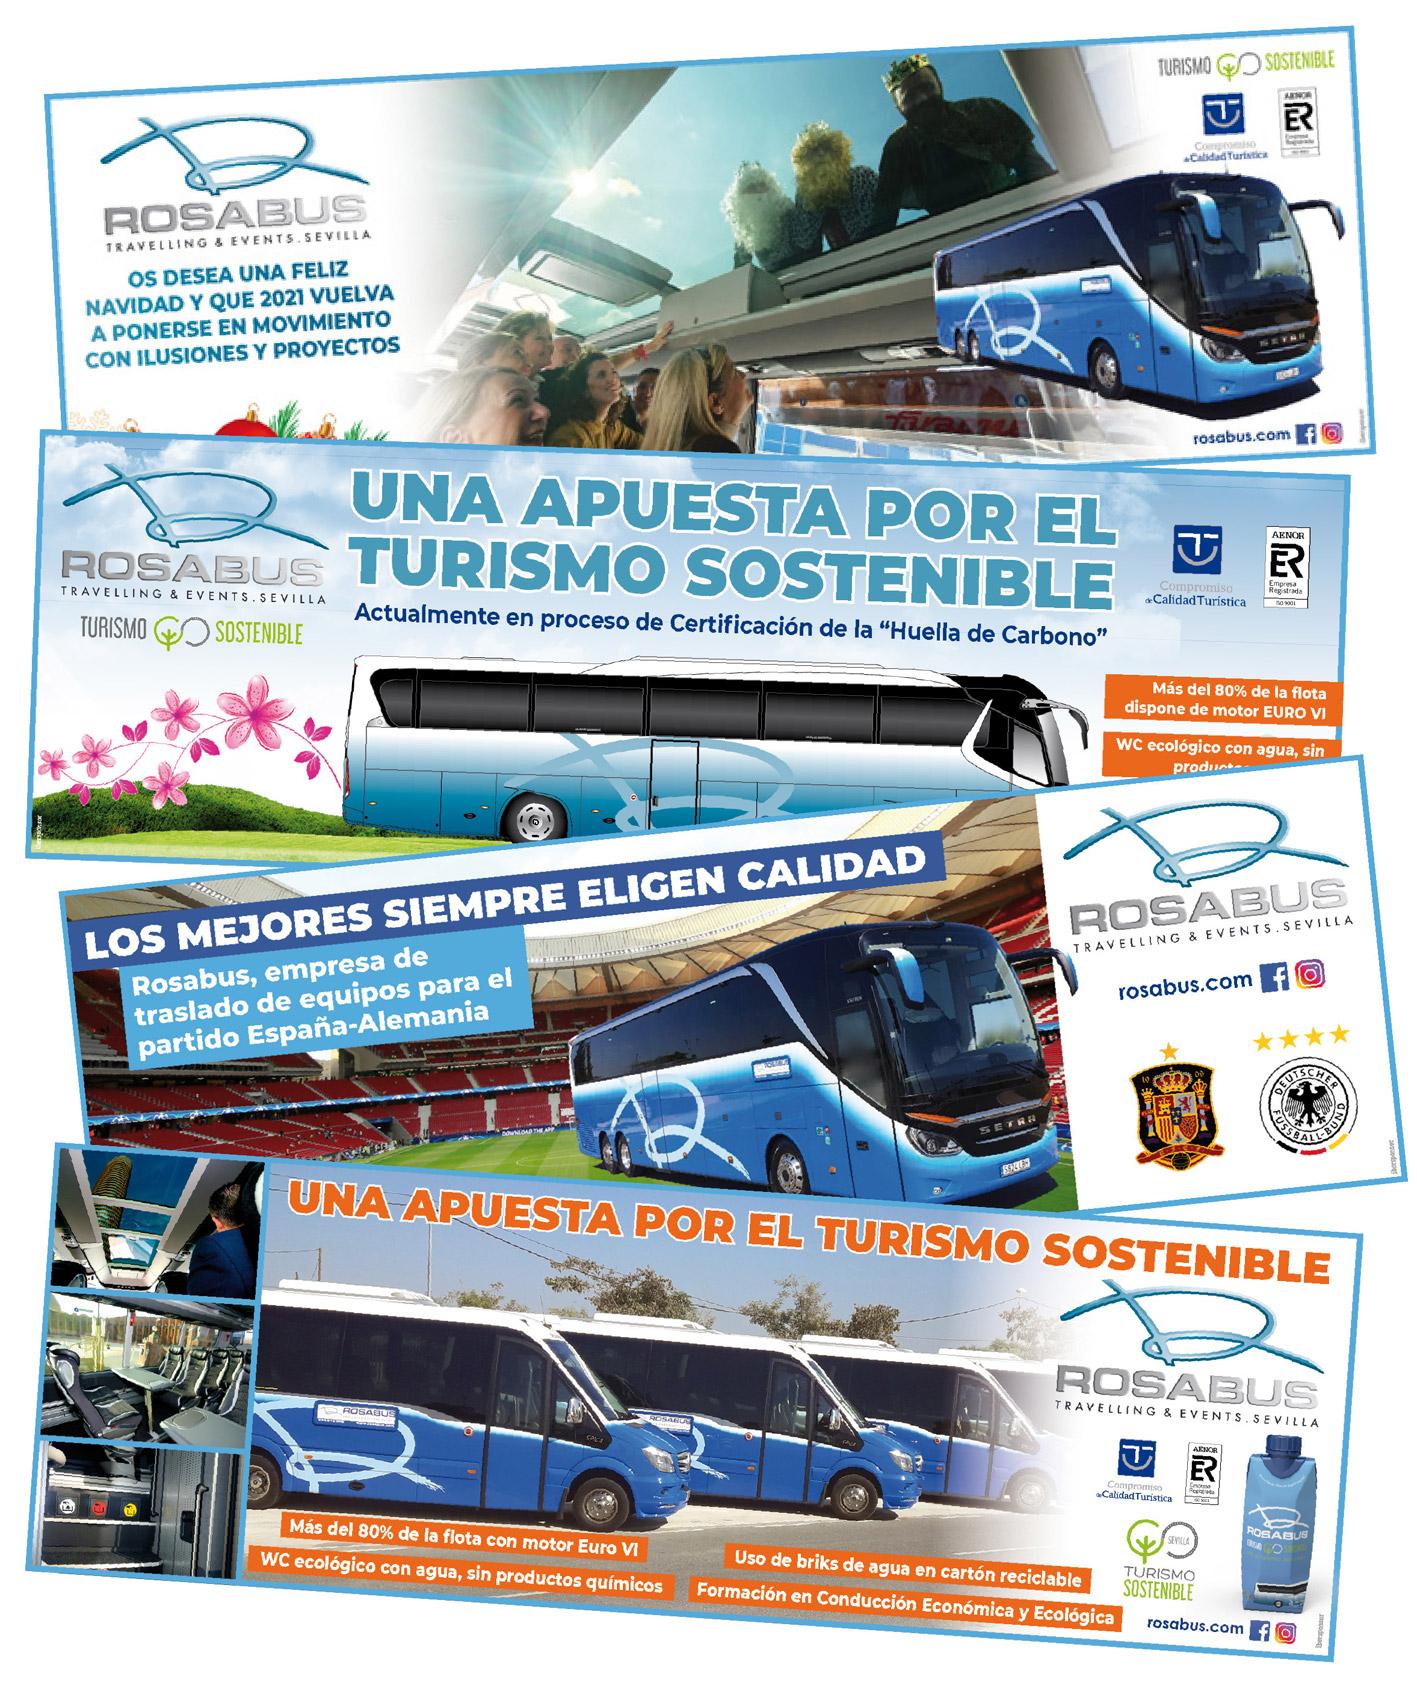 Campaña de publicidad en ABC de Sevilla